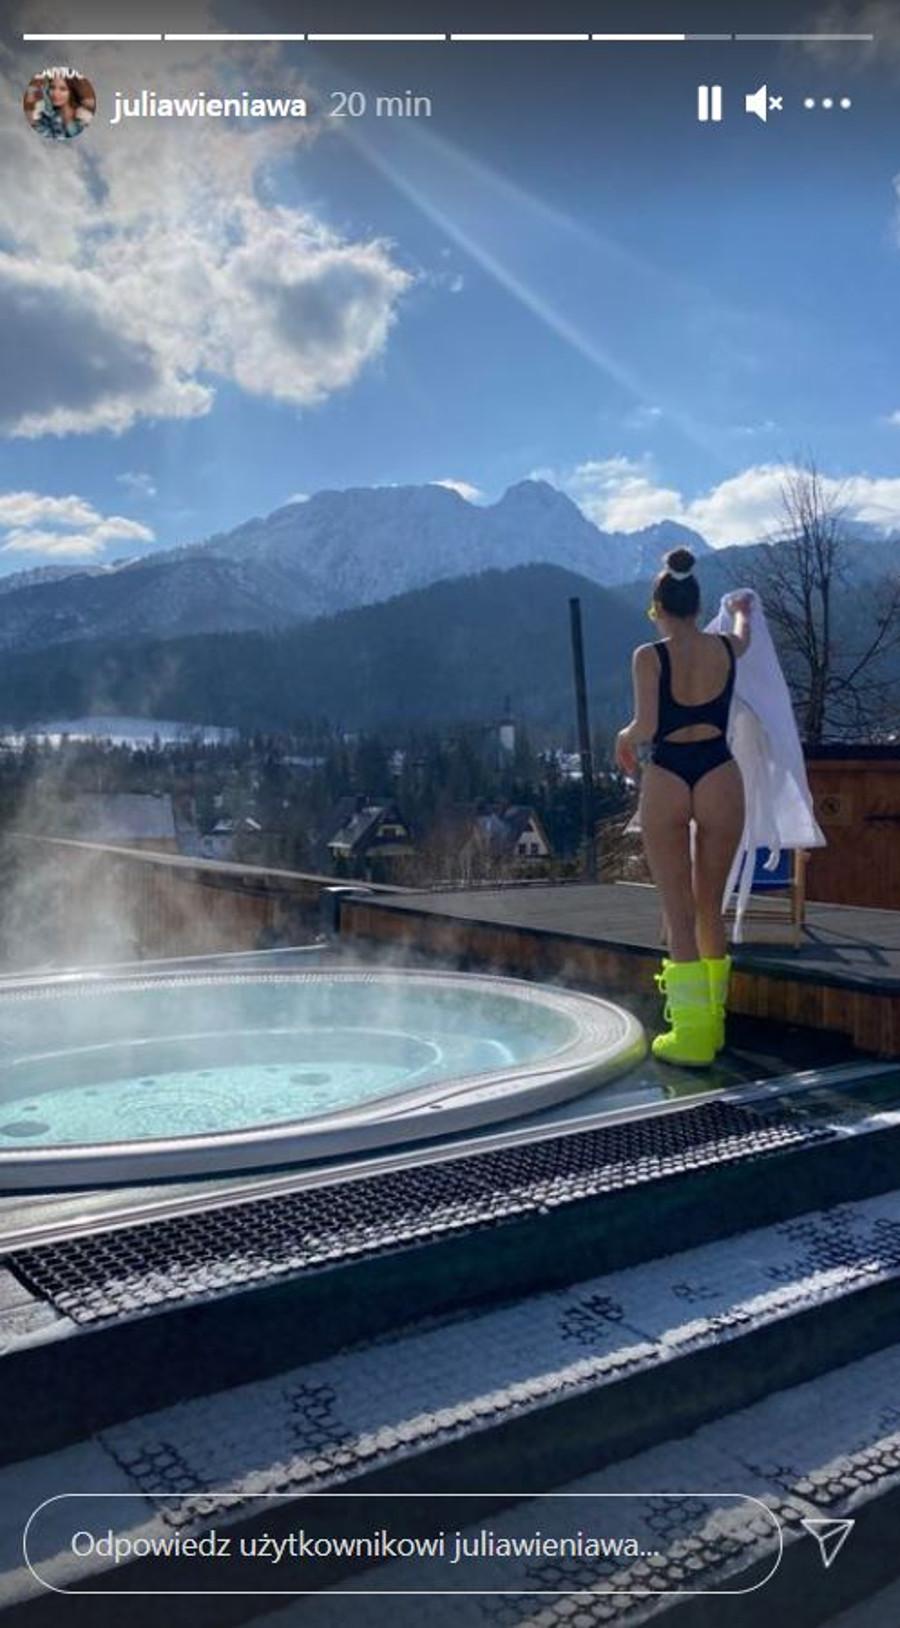 Julia Wieniawa z dumą pokazuje swoje wdzięki górach.